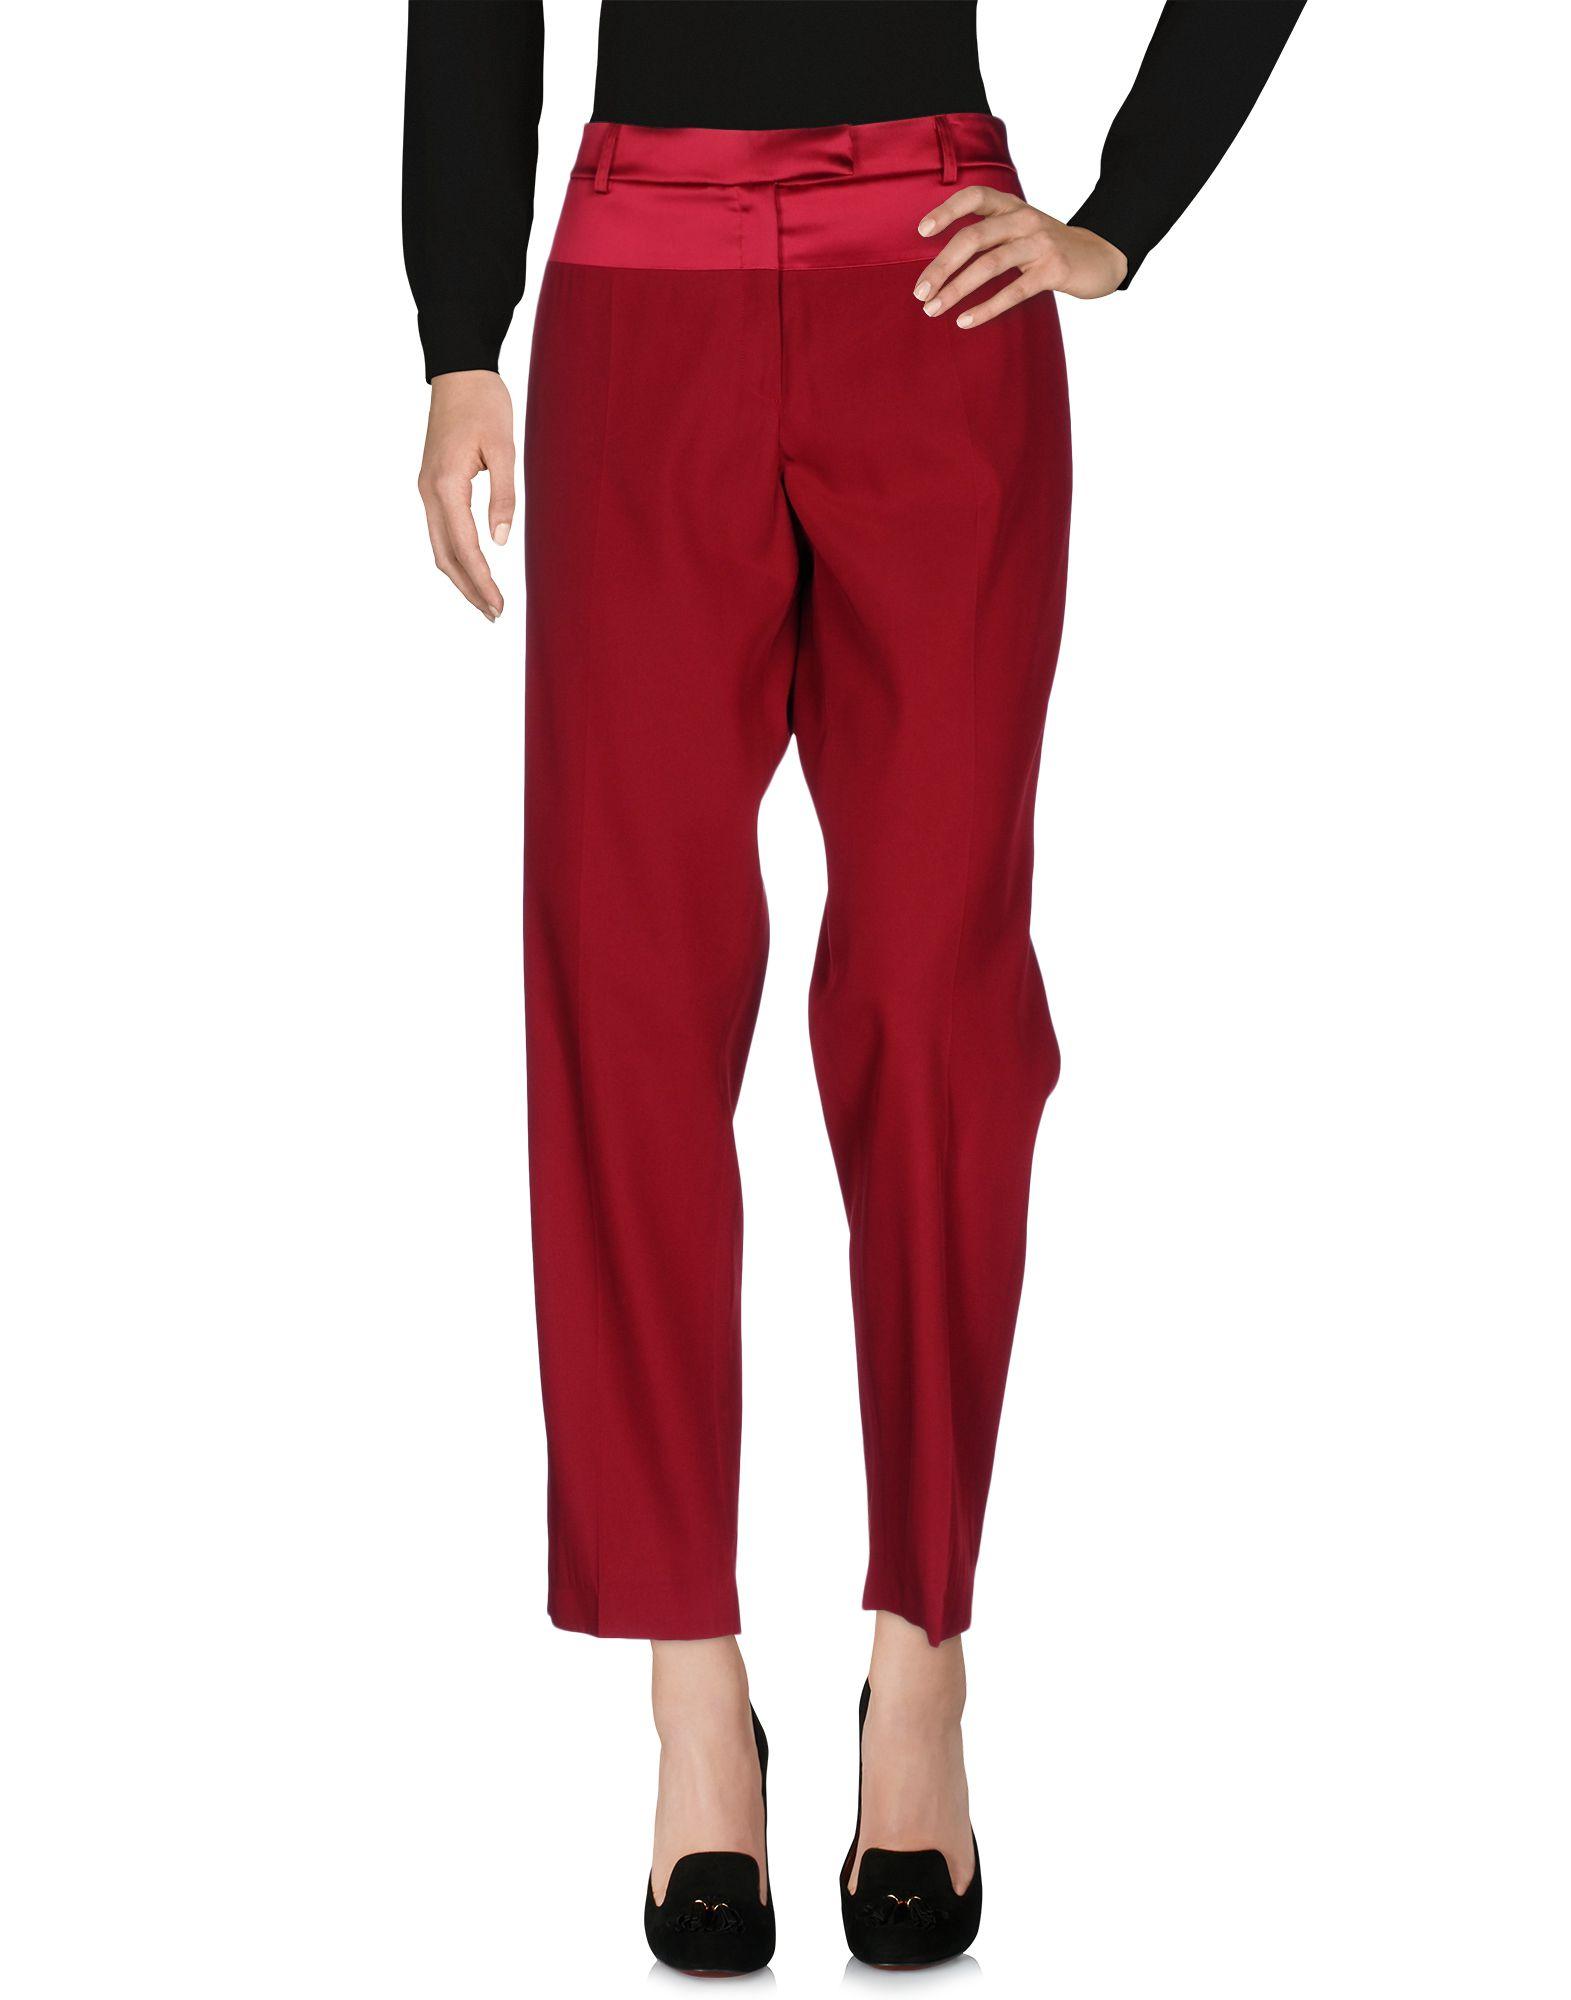 SALVATORE FERRAGAMO Повседневные брюки мужские повседневные брюки белья шелк смесь брюки плюс размер штаны брюки ореховый c159